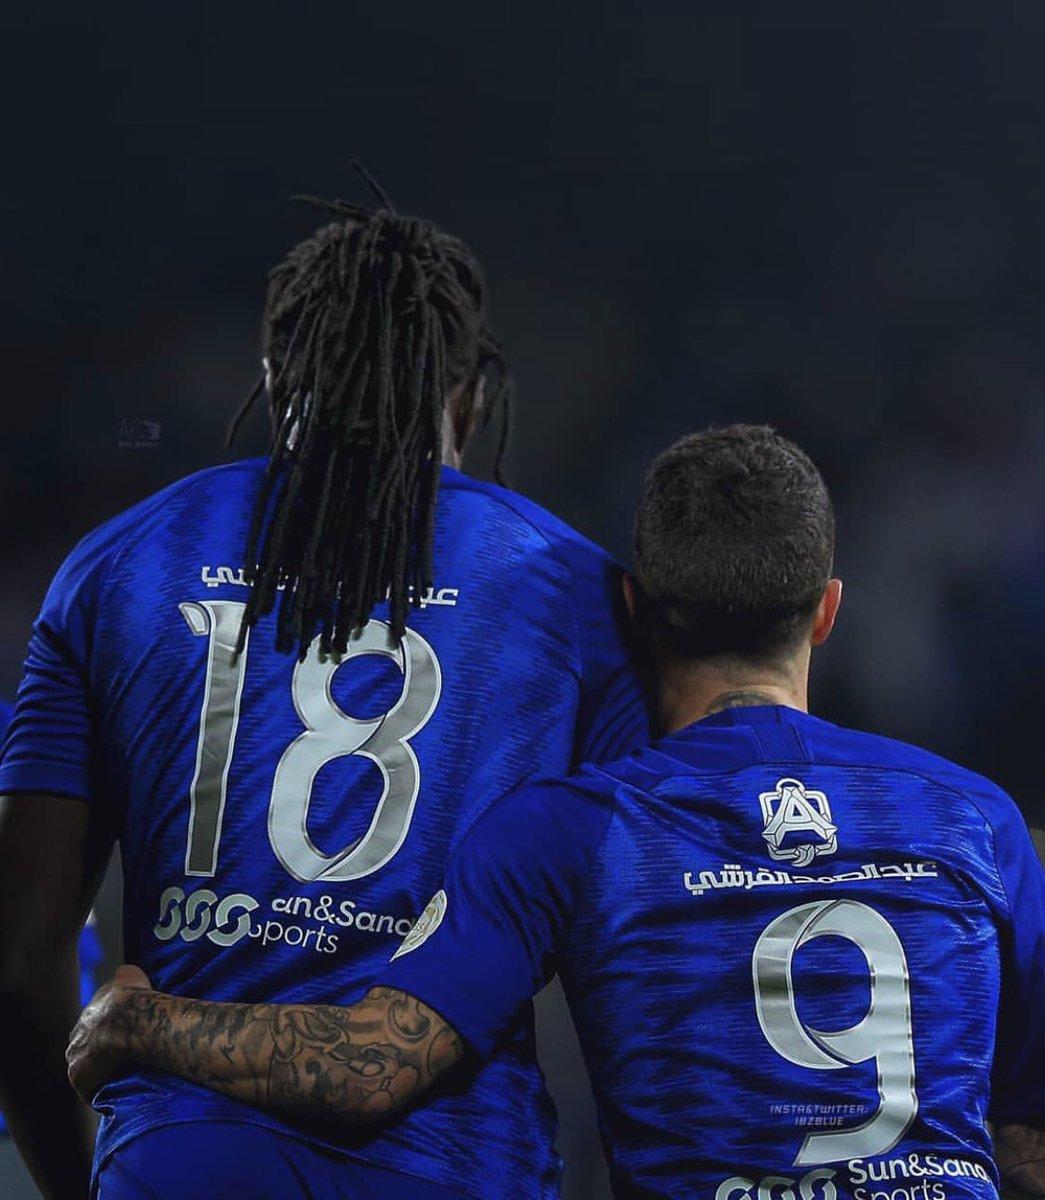 Together stronger 💪🏿💙